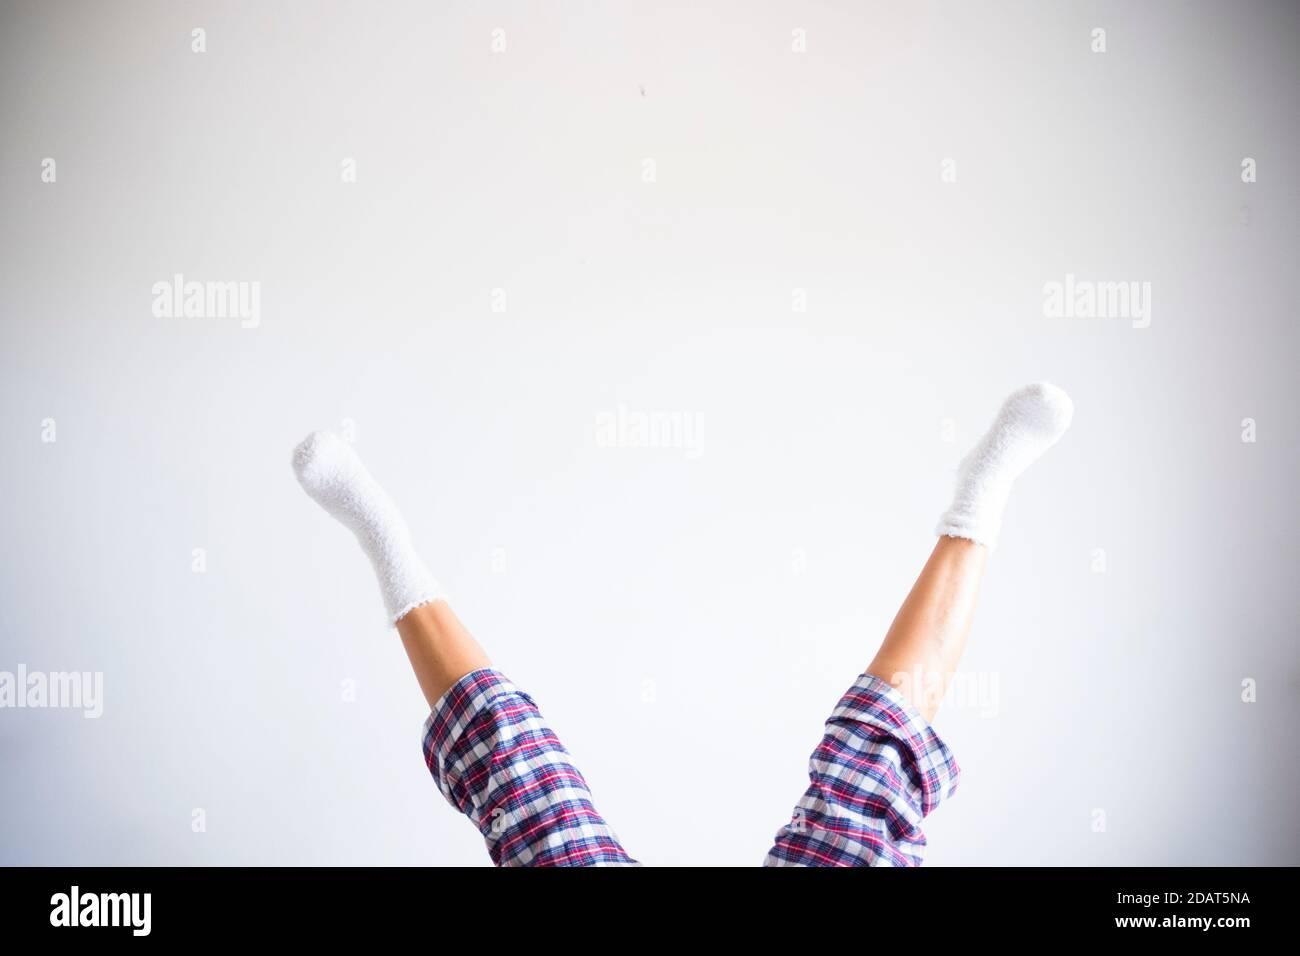 Femme jambes vers le bas en position inverse avec mur blanc de la pièce contexte - concept d'exercices de forme physique à la maison et sain drôle de vie personnes - codysp Banque D'Images